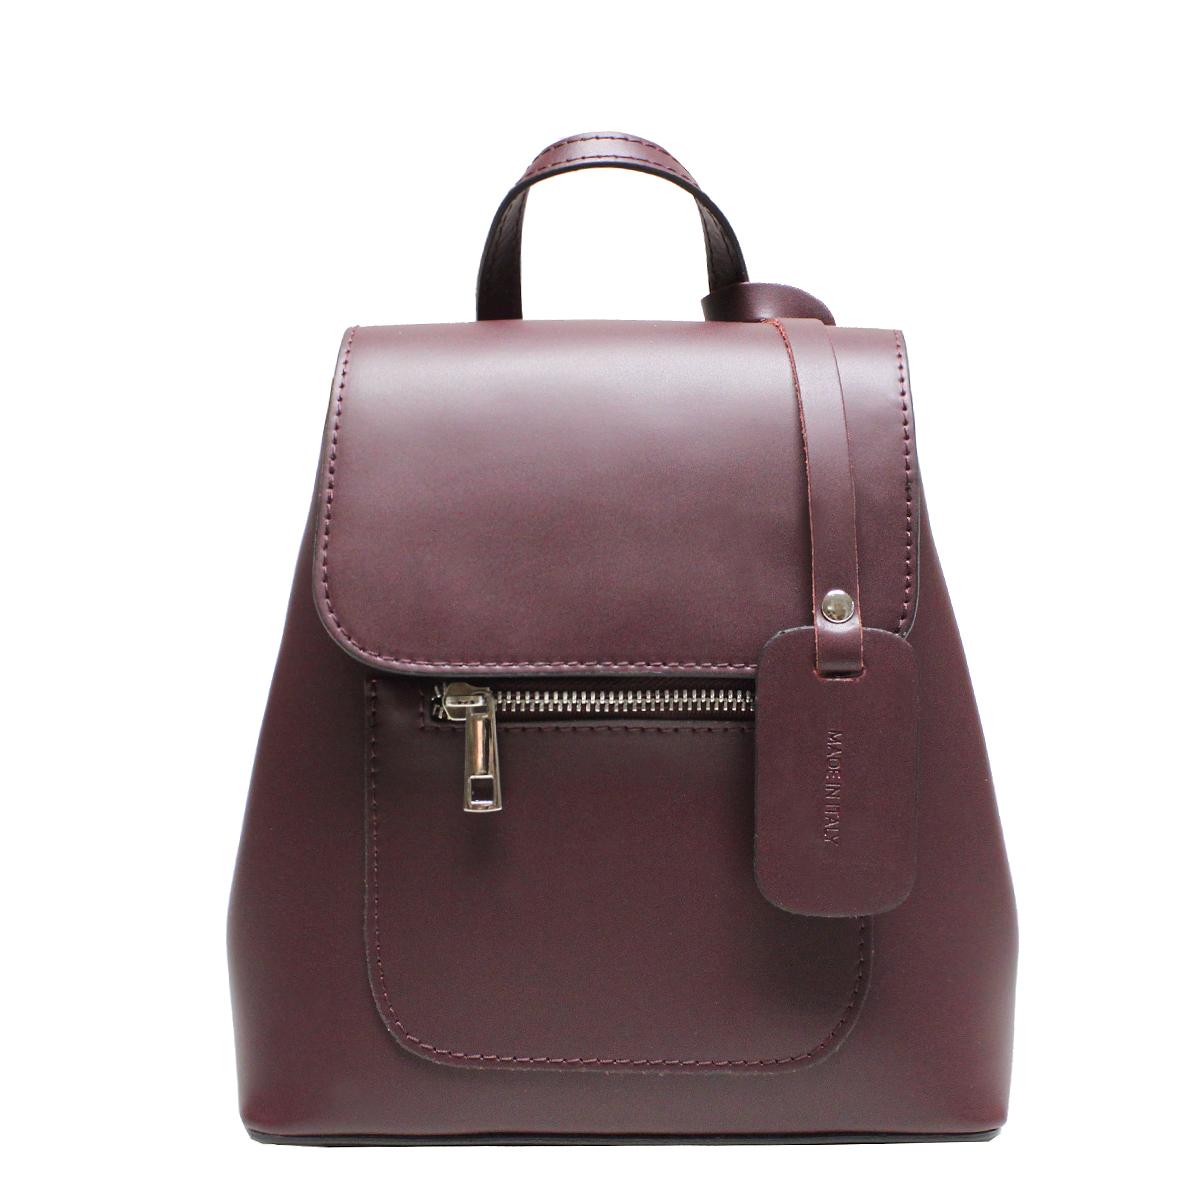 Рюкзак женский Edmins, цвет: винный. 9940 ED Wine solid5601-3 BLACKСтильный женский рюкзачок Edmins выполнен из натуральной кожи. Рюкзак закрывается на магнитную застежку и клапан. Внутри - одно отделение, в котором карман на застежке-молнии и два открытых кармана, снаружи карманчик на застежке-молнии.Рюкзак имеет жесткую форму. По бокам на высоте клапана - кнопки. Обращаем внимание, что необходимо произвести усилие для застегивания кнопок. Это функционально продуманно, чтобы исключить легкое растягивание кнопок под нагрузкой содержимого рюкзака. На дне рюкзака металлические ножки, предохраняющие дно от потертостей и загрязнений.Цвет фурнитуры: серебряный. Высота ручки рюкзака: 6 см. Длина лямок регулируется от 64 см до 76 см.